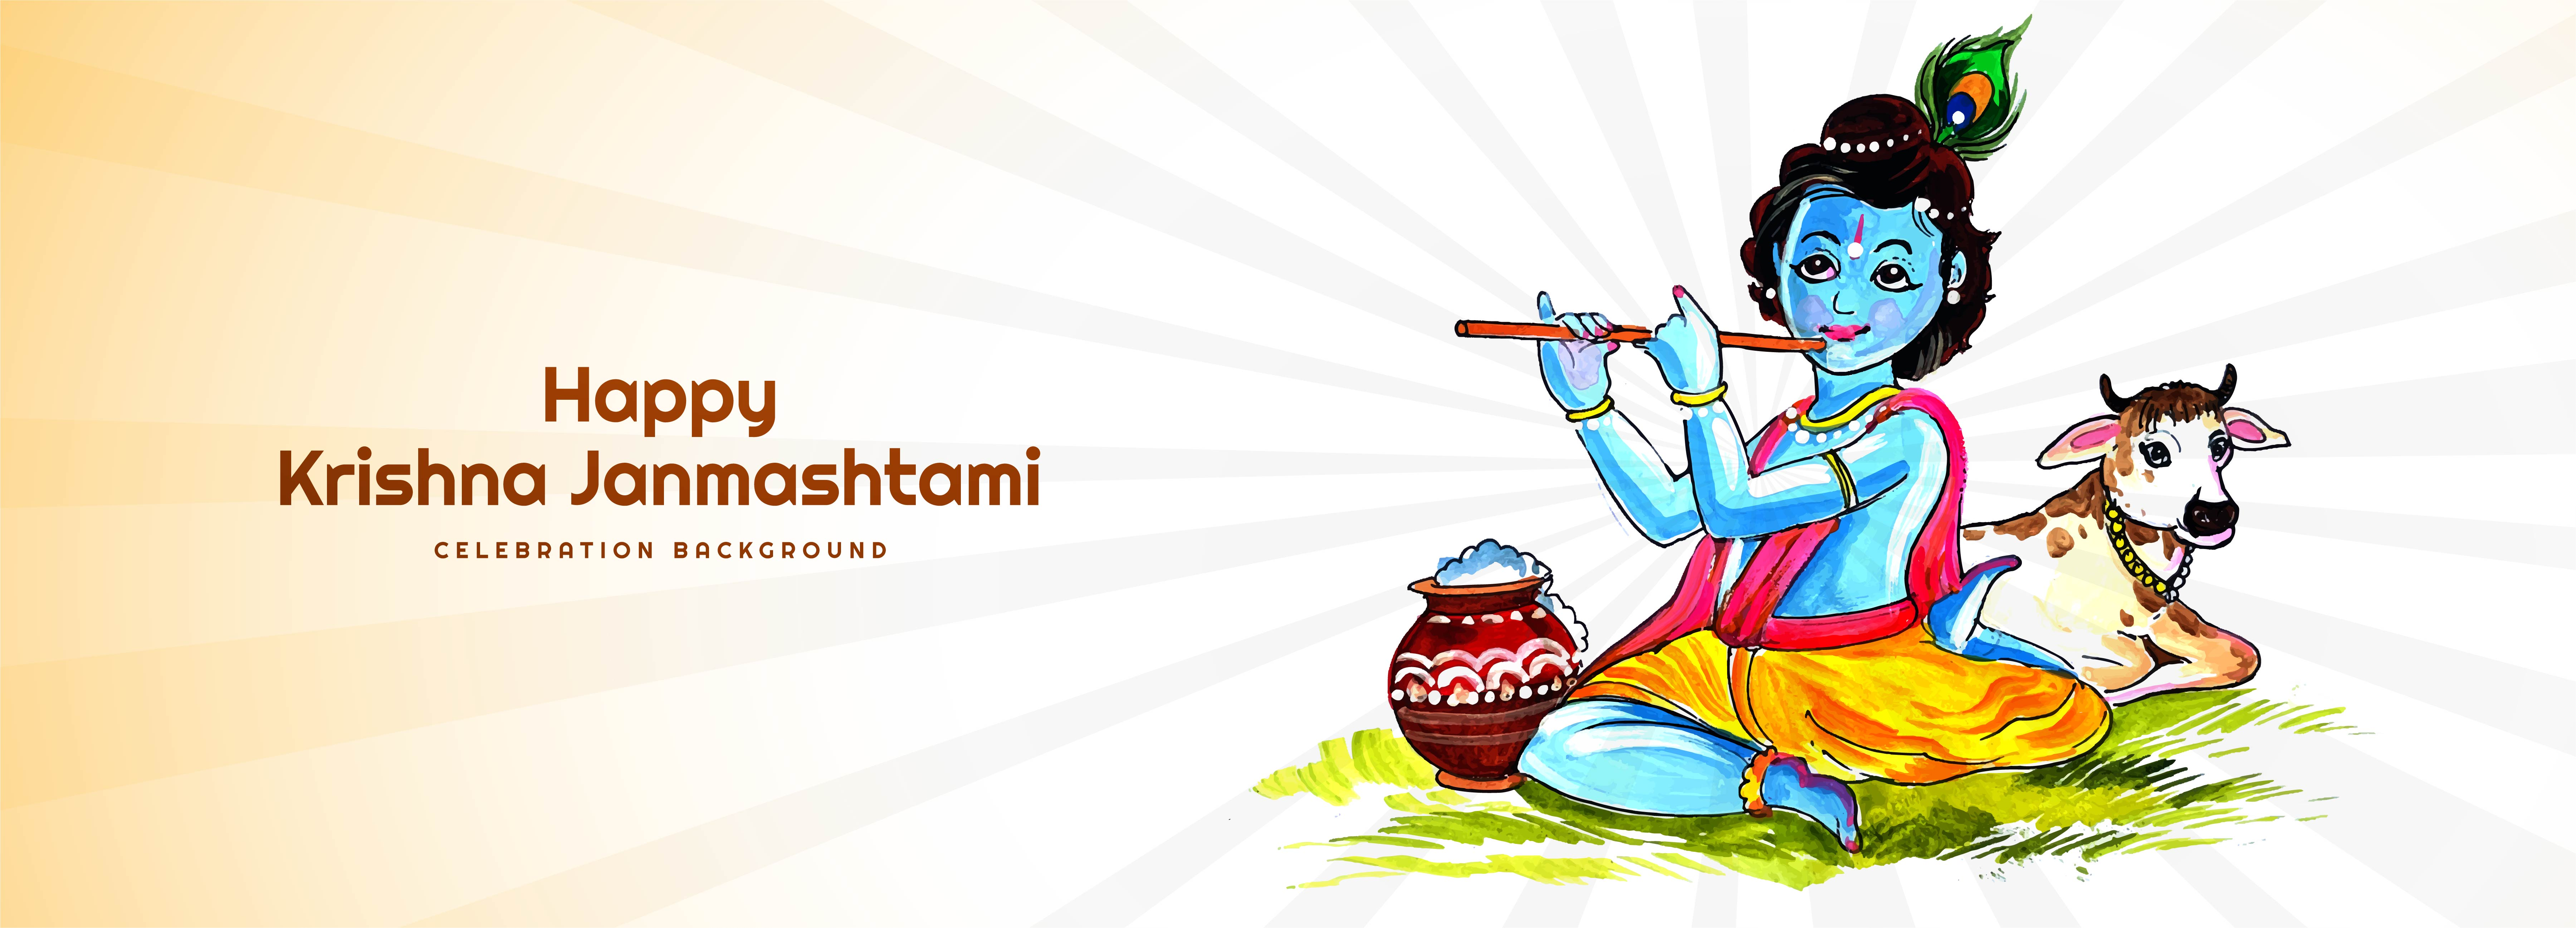 feliz krishna janmashtami tocando flauta festival banner